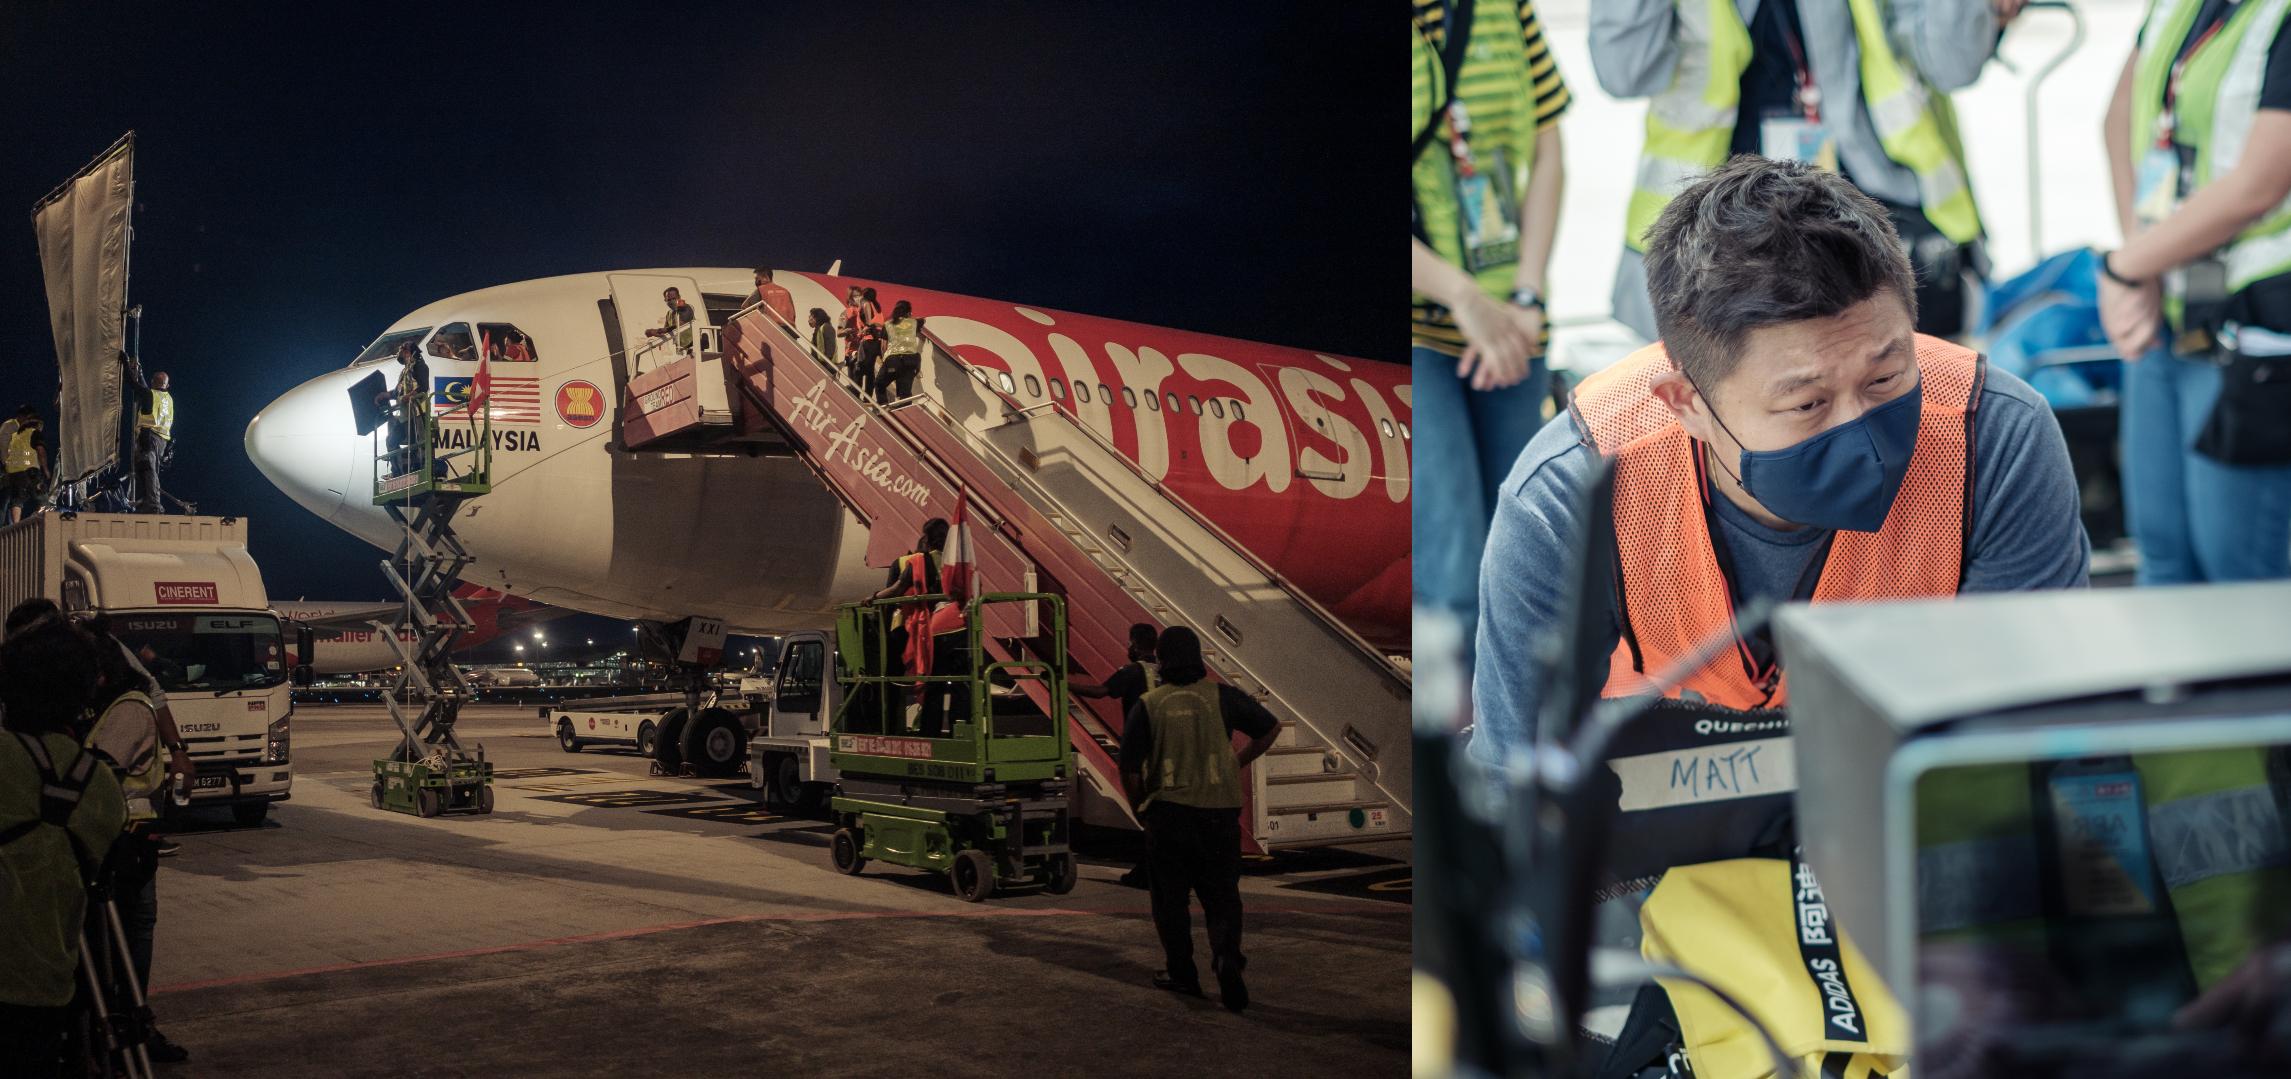 为求真实效果,剧组特别安全前往吉隆坡国际机场和吉隆坡第二国际机场取景,以及在真实飞机内拍摄;右图是赖健雄。-图由阿细亚热带电影有限公司提供/精彩大马制图-